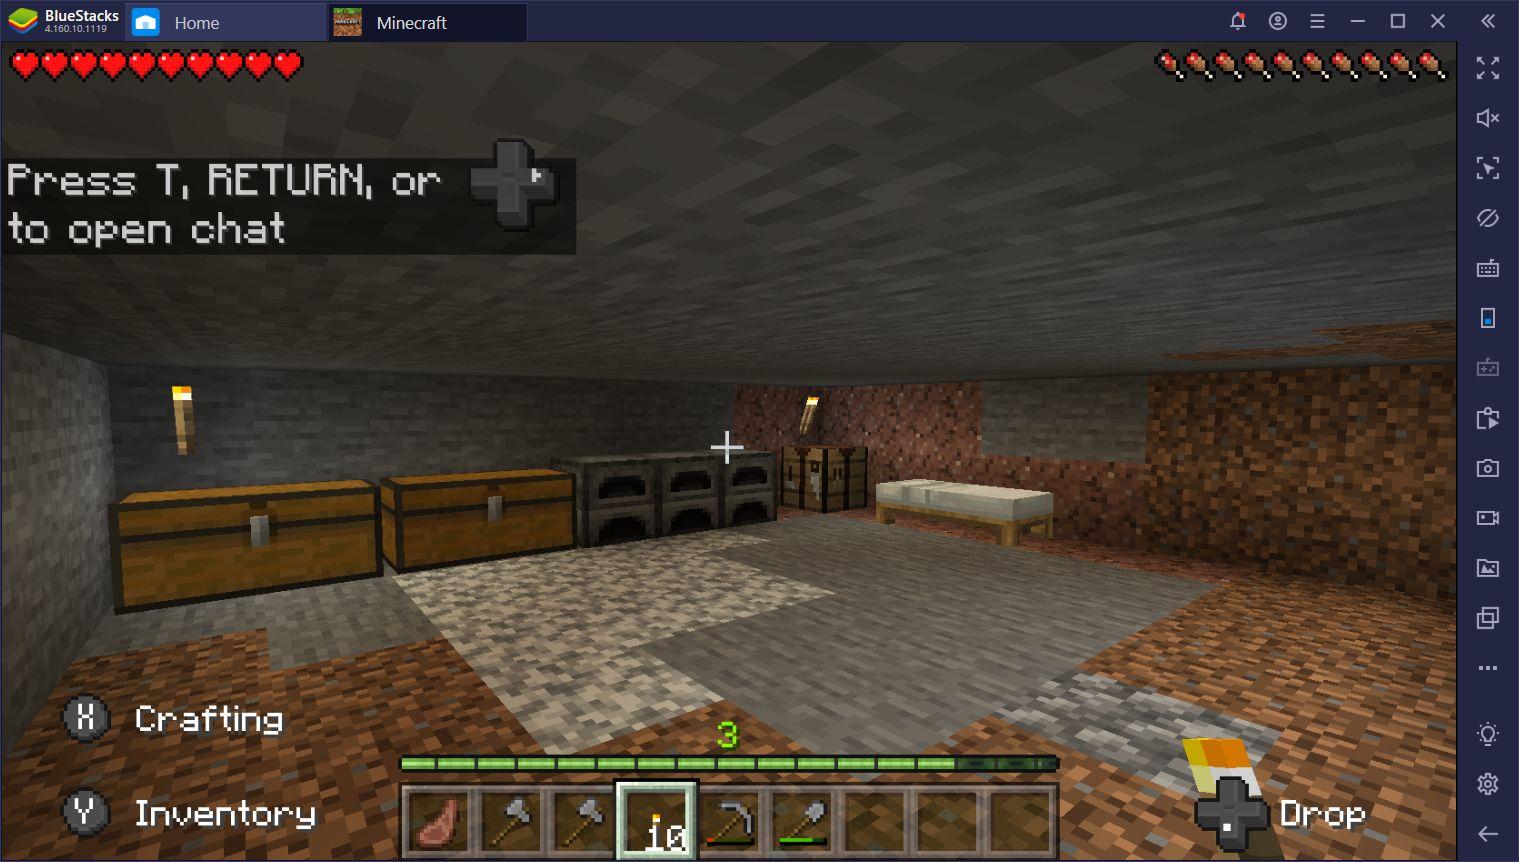 Майнинг ресурсов в Minecraft: как собрать полезные материалы и избежать опасностей?